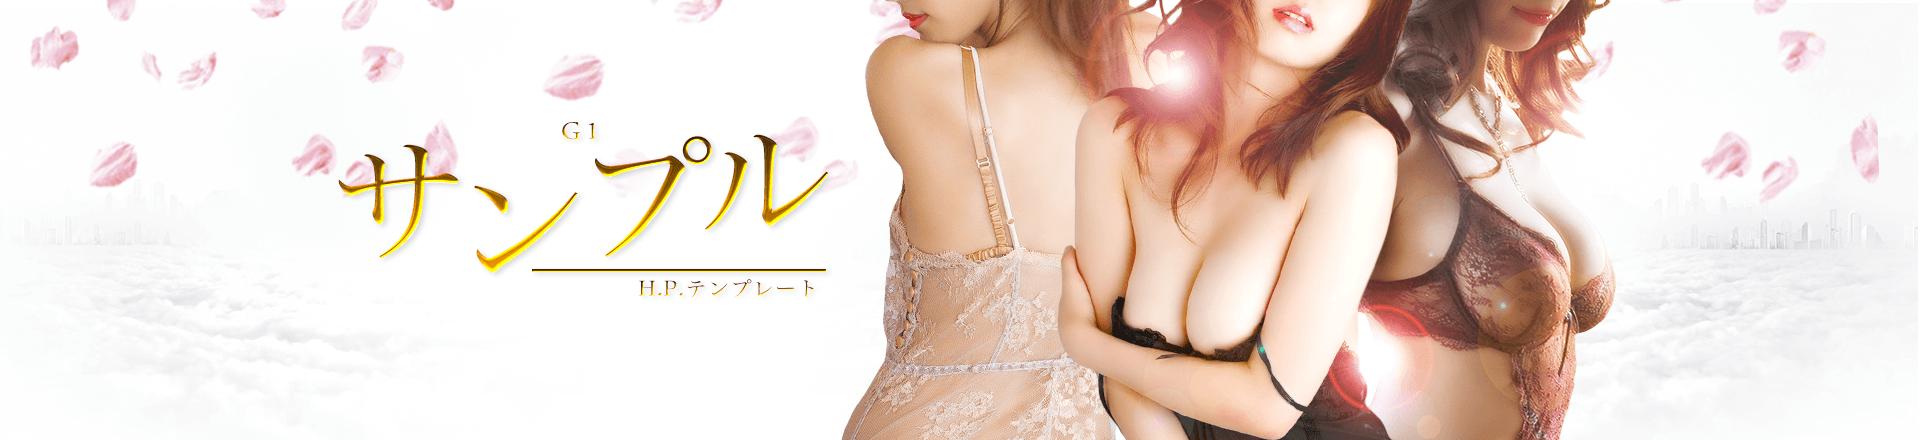 神奈川 横浜回春性感マッサージ G1-金01